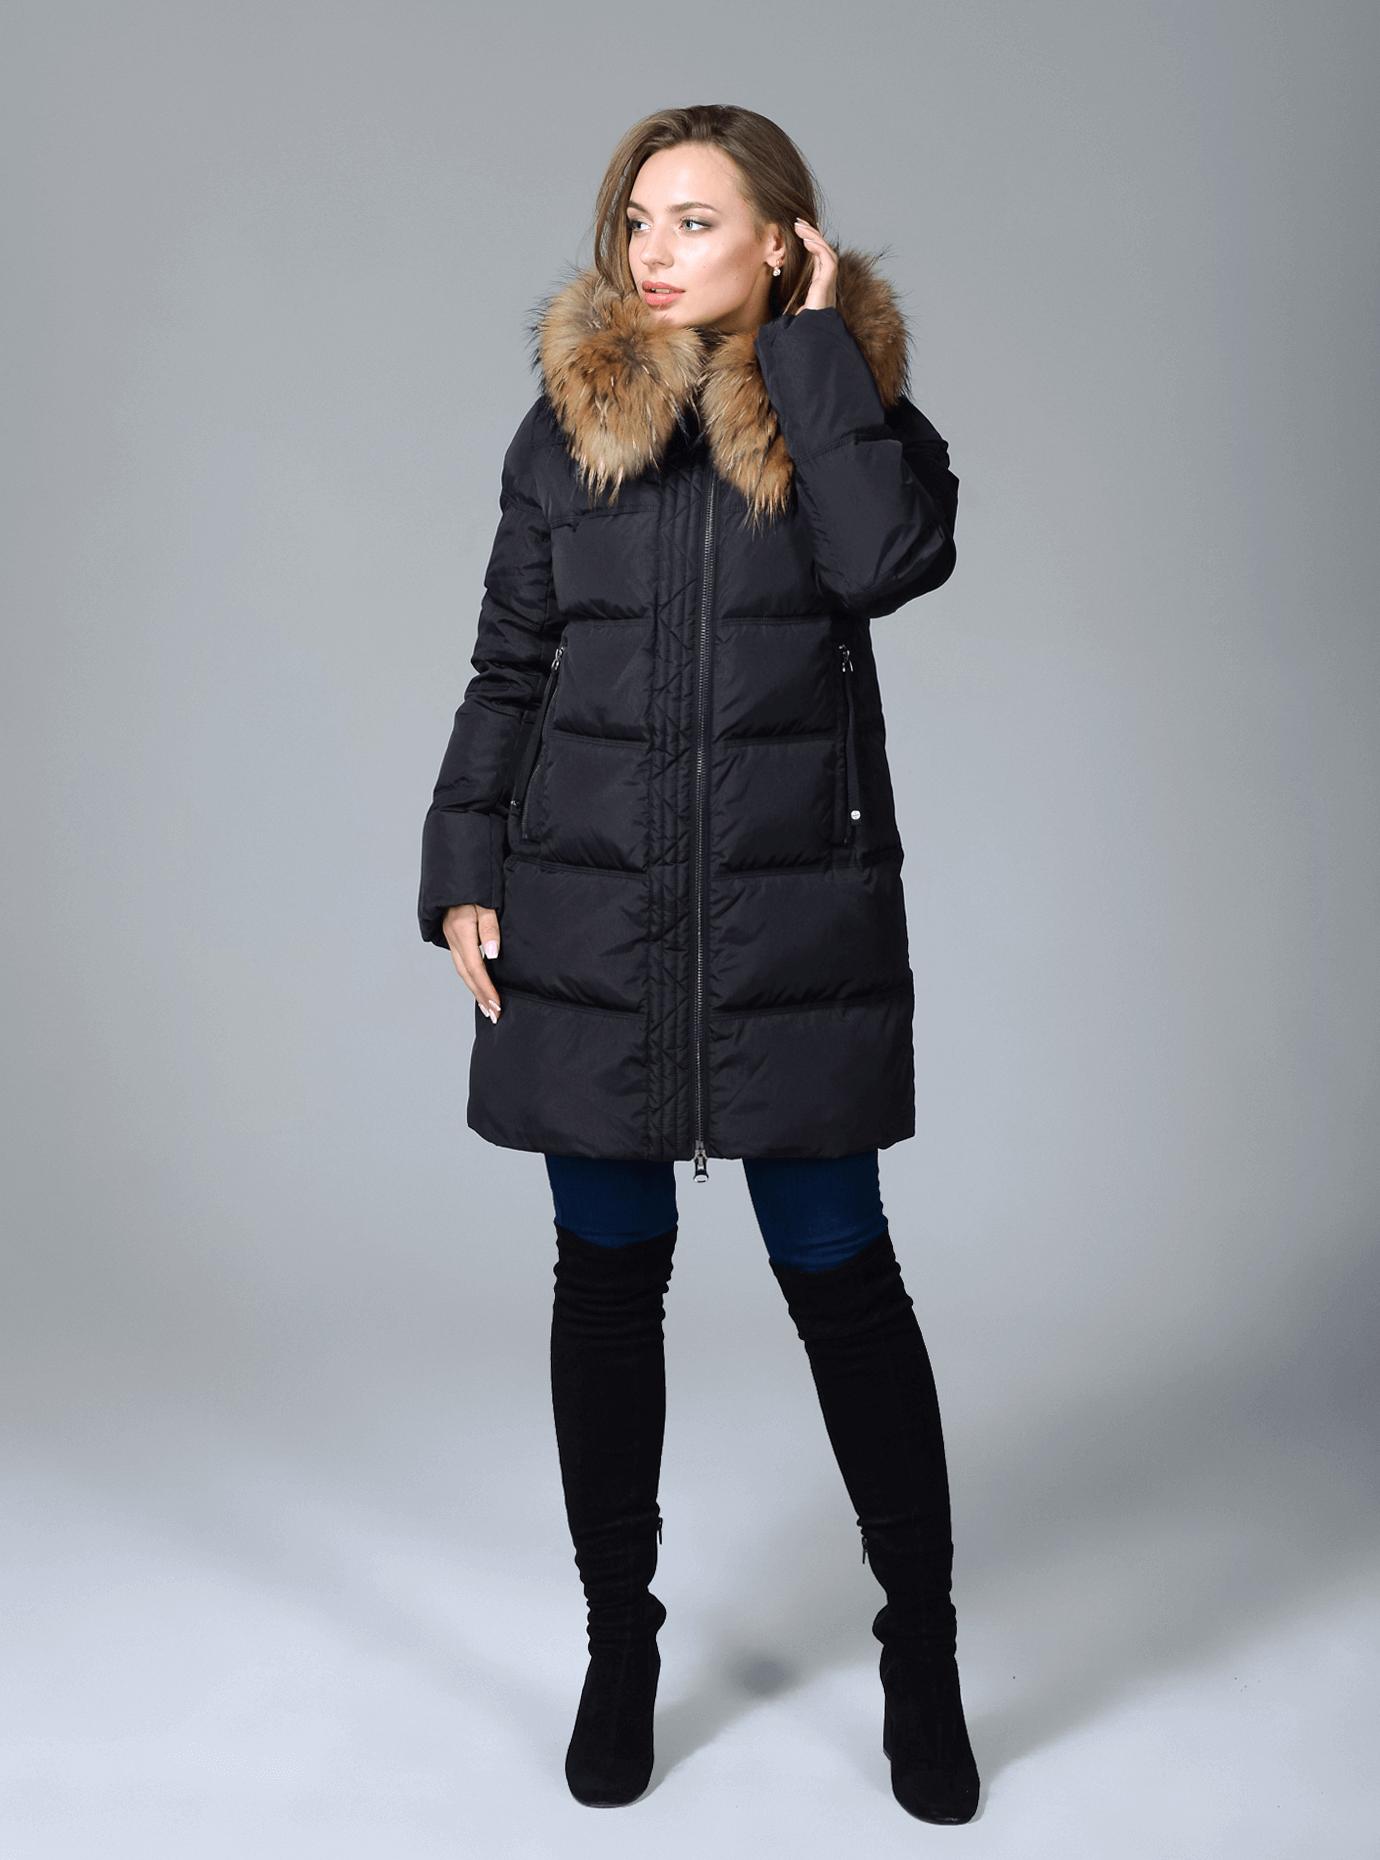 Куртка зимняя женская на молнии Чёрный S (02-CR170248): фото - Alster.ua